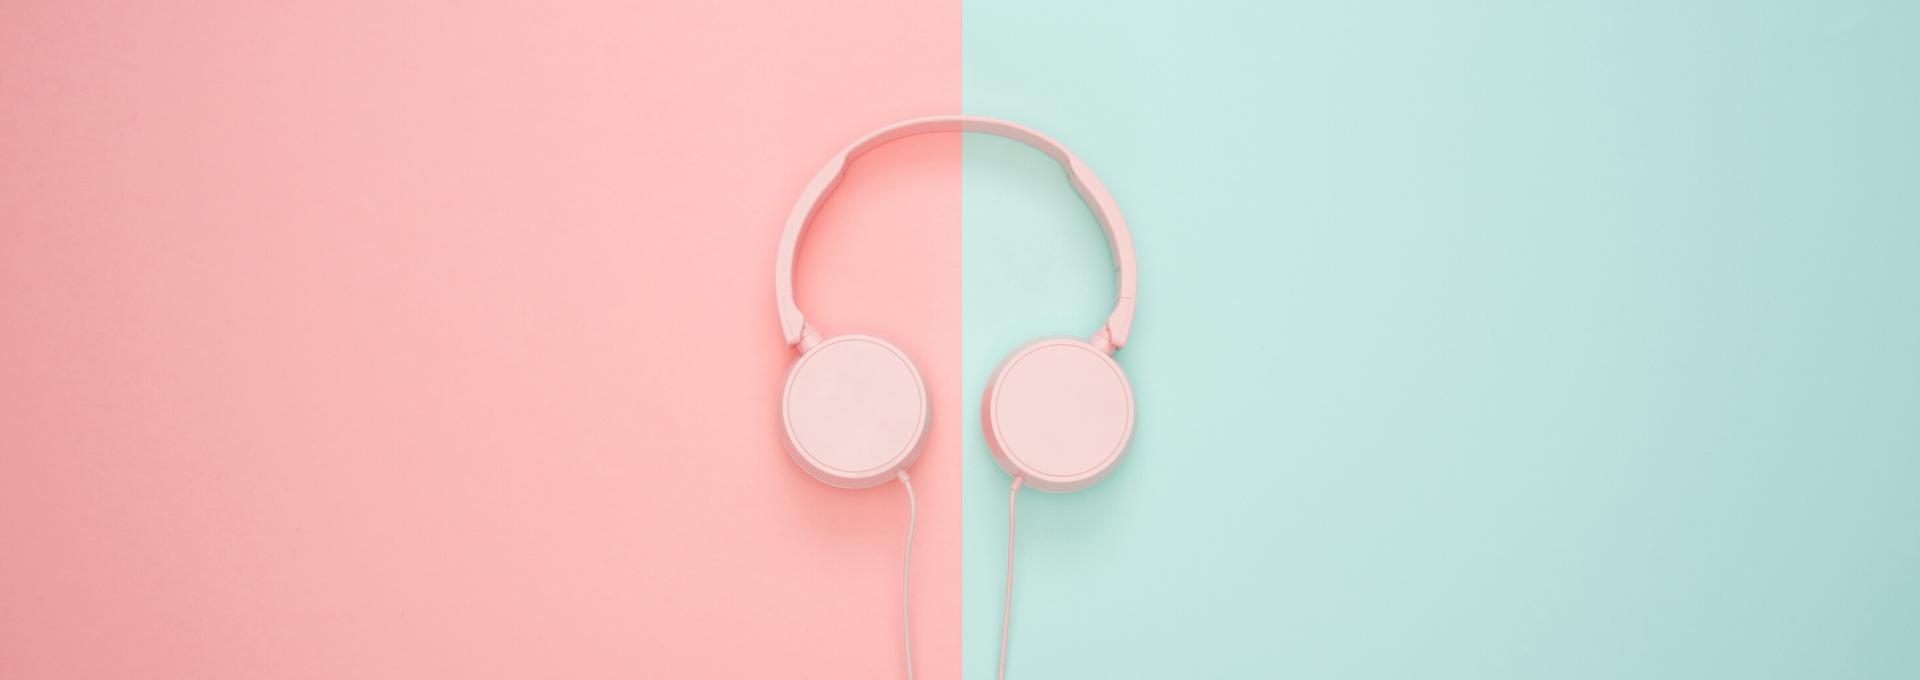 近幾年潮流廣告歌曲:熊仔、J.Sheon 的歌聽了會生火嗎?